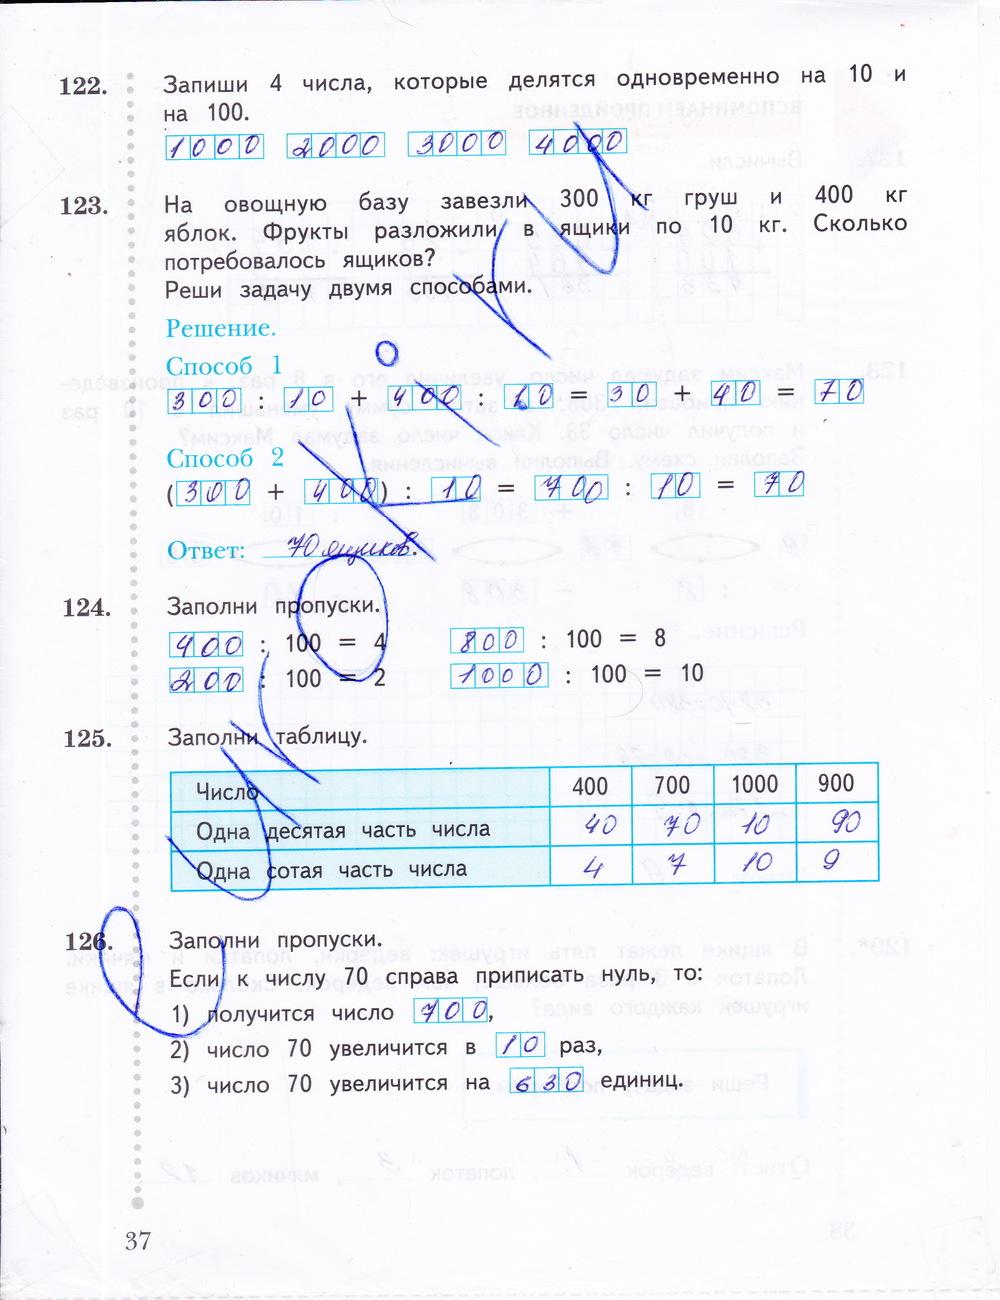 Гдз по математике 6 класс вентана граф рабочая тетрадь 2 часть ответы